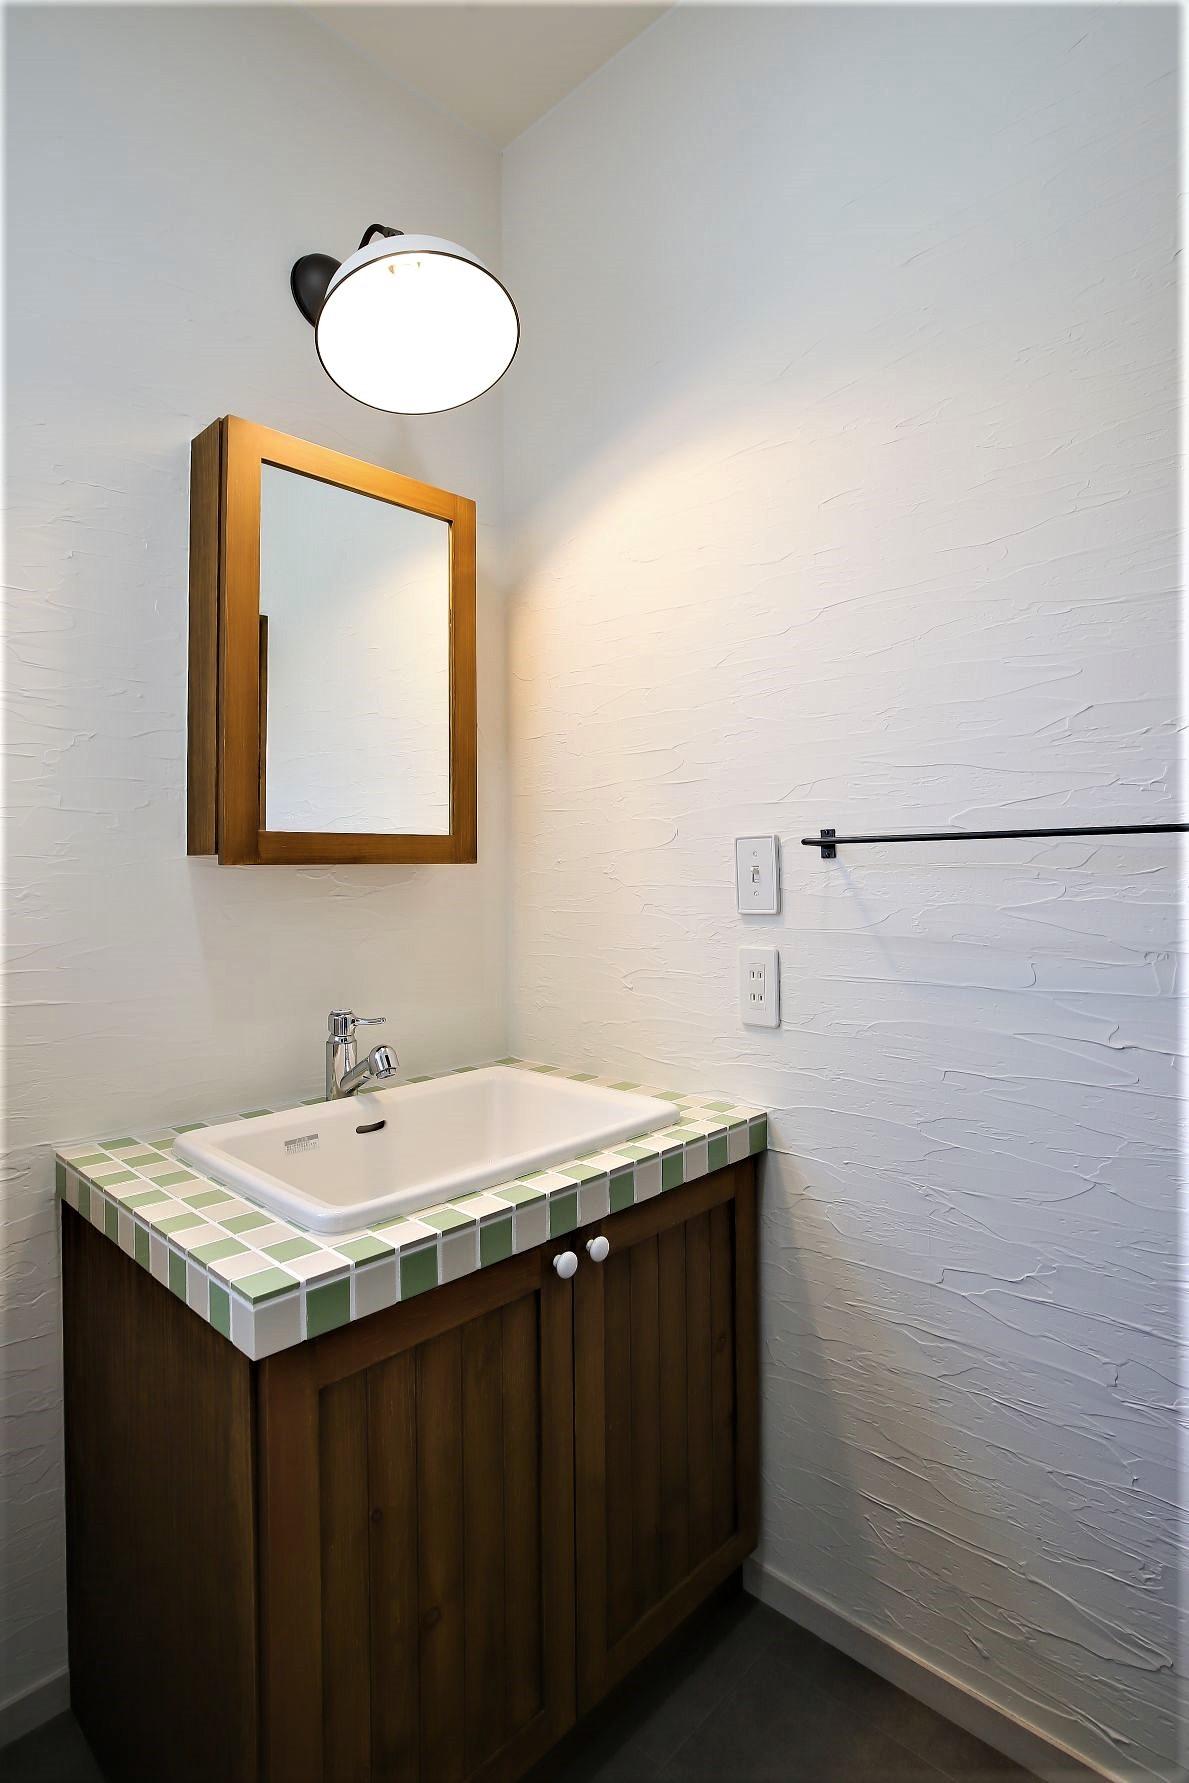 サンエフホーム【デザイン住宅、自然素材、インテリア】タイルや照明など、空間にマッチした物を選択